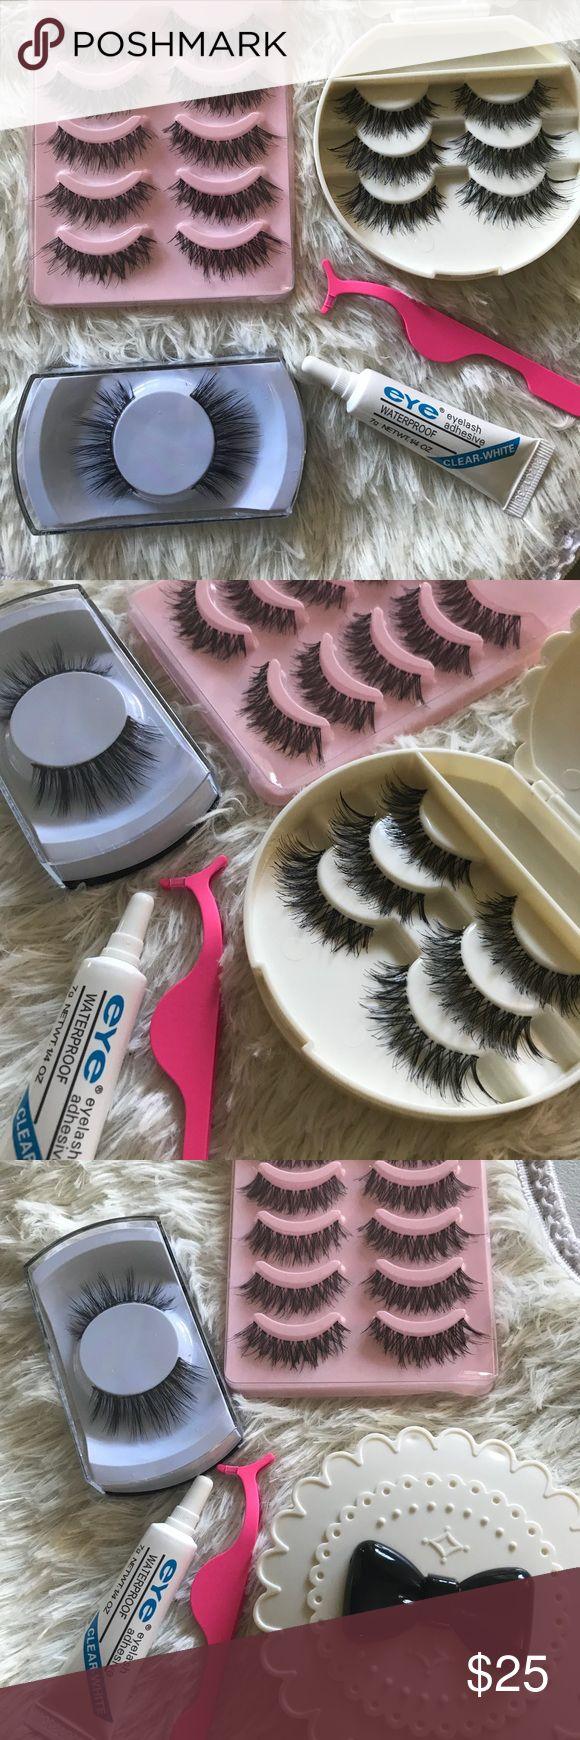 Wispy Eyelashes Set ⭐️1 Premium Mink Eyelashes  ⭐️5  wispy Lashes ⭐️3 wispy lashes  ⭐️Applicator ⭐️ Glue ⭐️Eyelash Case ( all colors available)   # tags, Iconic, mink, red cherry eyelashes, house of lashes, doll, kawaii, case, full, natural,  Koko, Ardell, wispies, Demi , makeup, mascara, eyelash applicator, Mykonos Mink , Lashes , wispy ,eyelash case, mink lashes  Ship within 24 hours ❣️ PRICE IS FIRM Makeup False Eyelashes